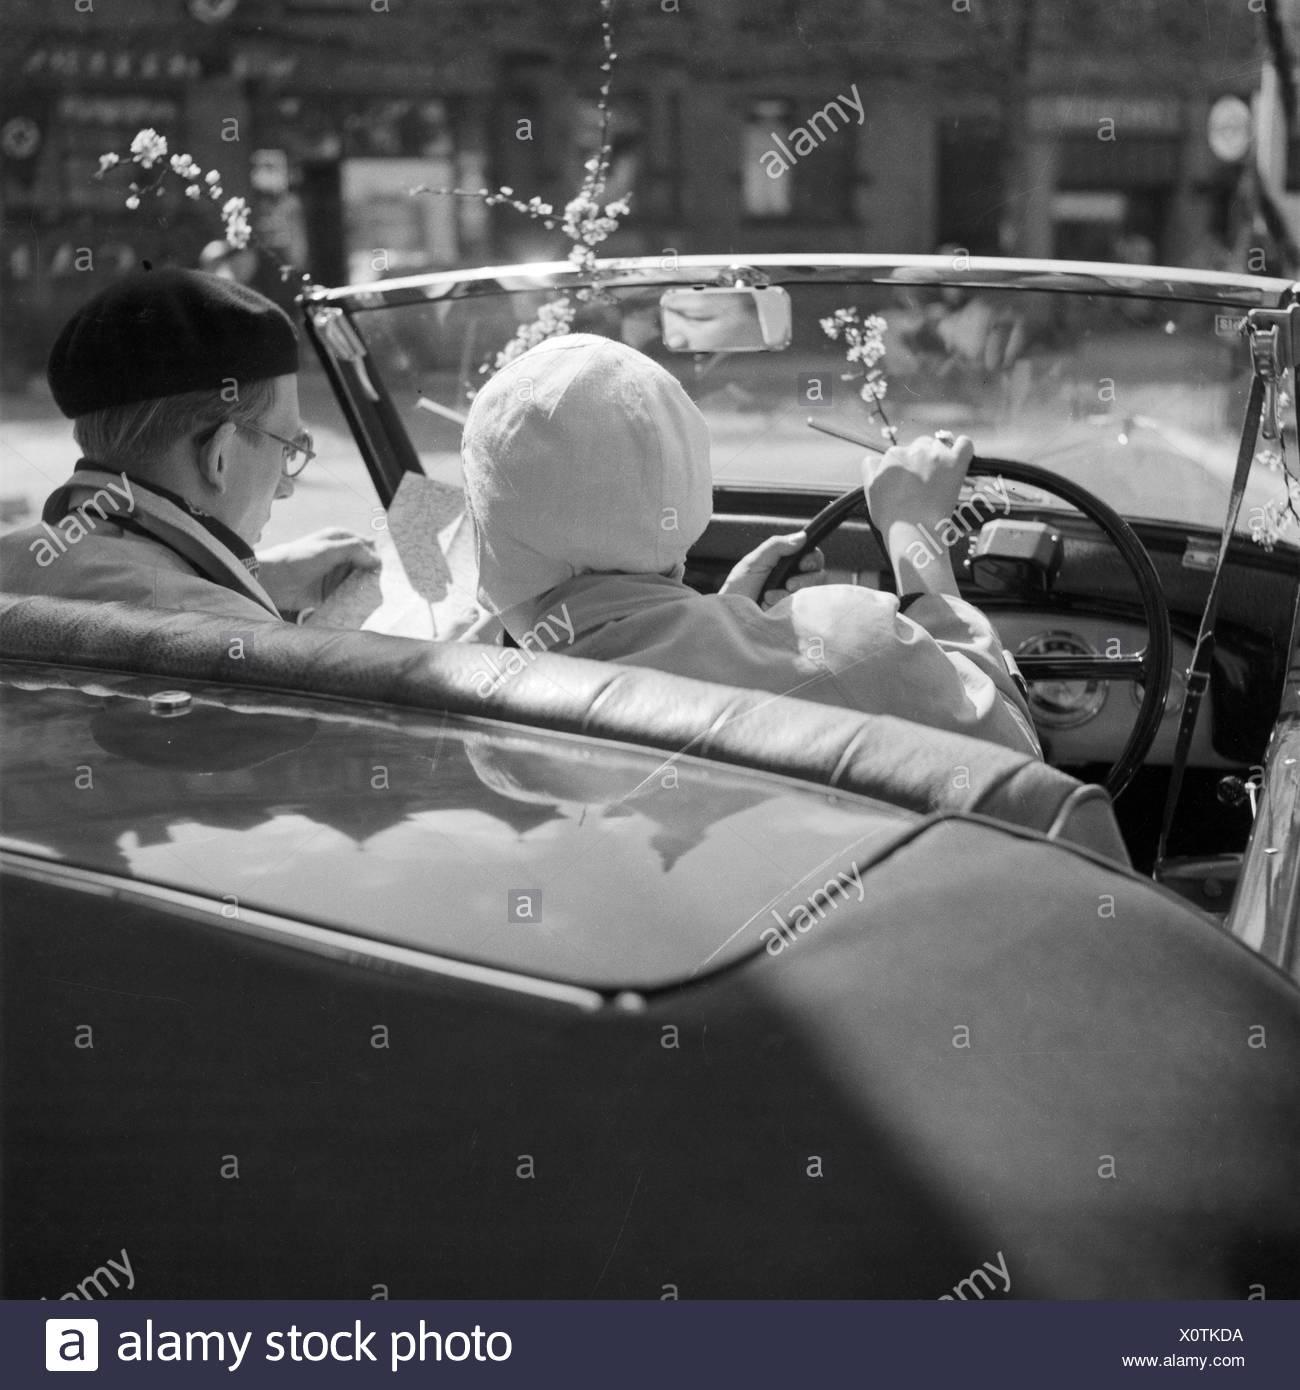 Ein Mann Und Eine Frau in Einem Ford Eifel Cabrio, Deutschland 1930er Jahre. Ein Mann und eine Frau in einem Ford Modell Eifel Cabrio, Deutschland der 1930er Jahre. Stockbild